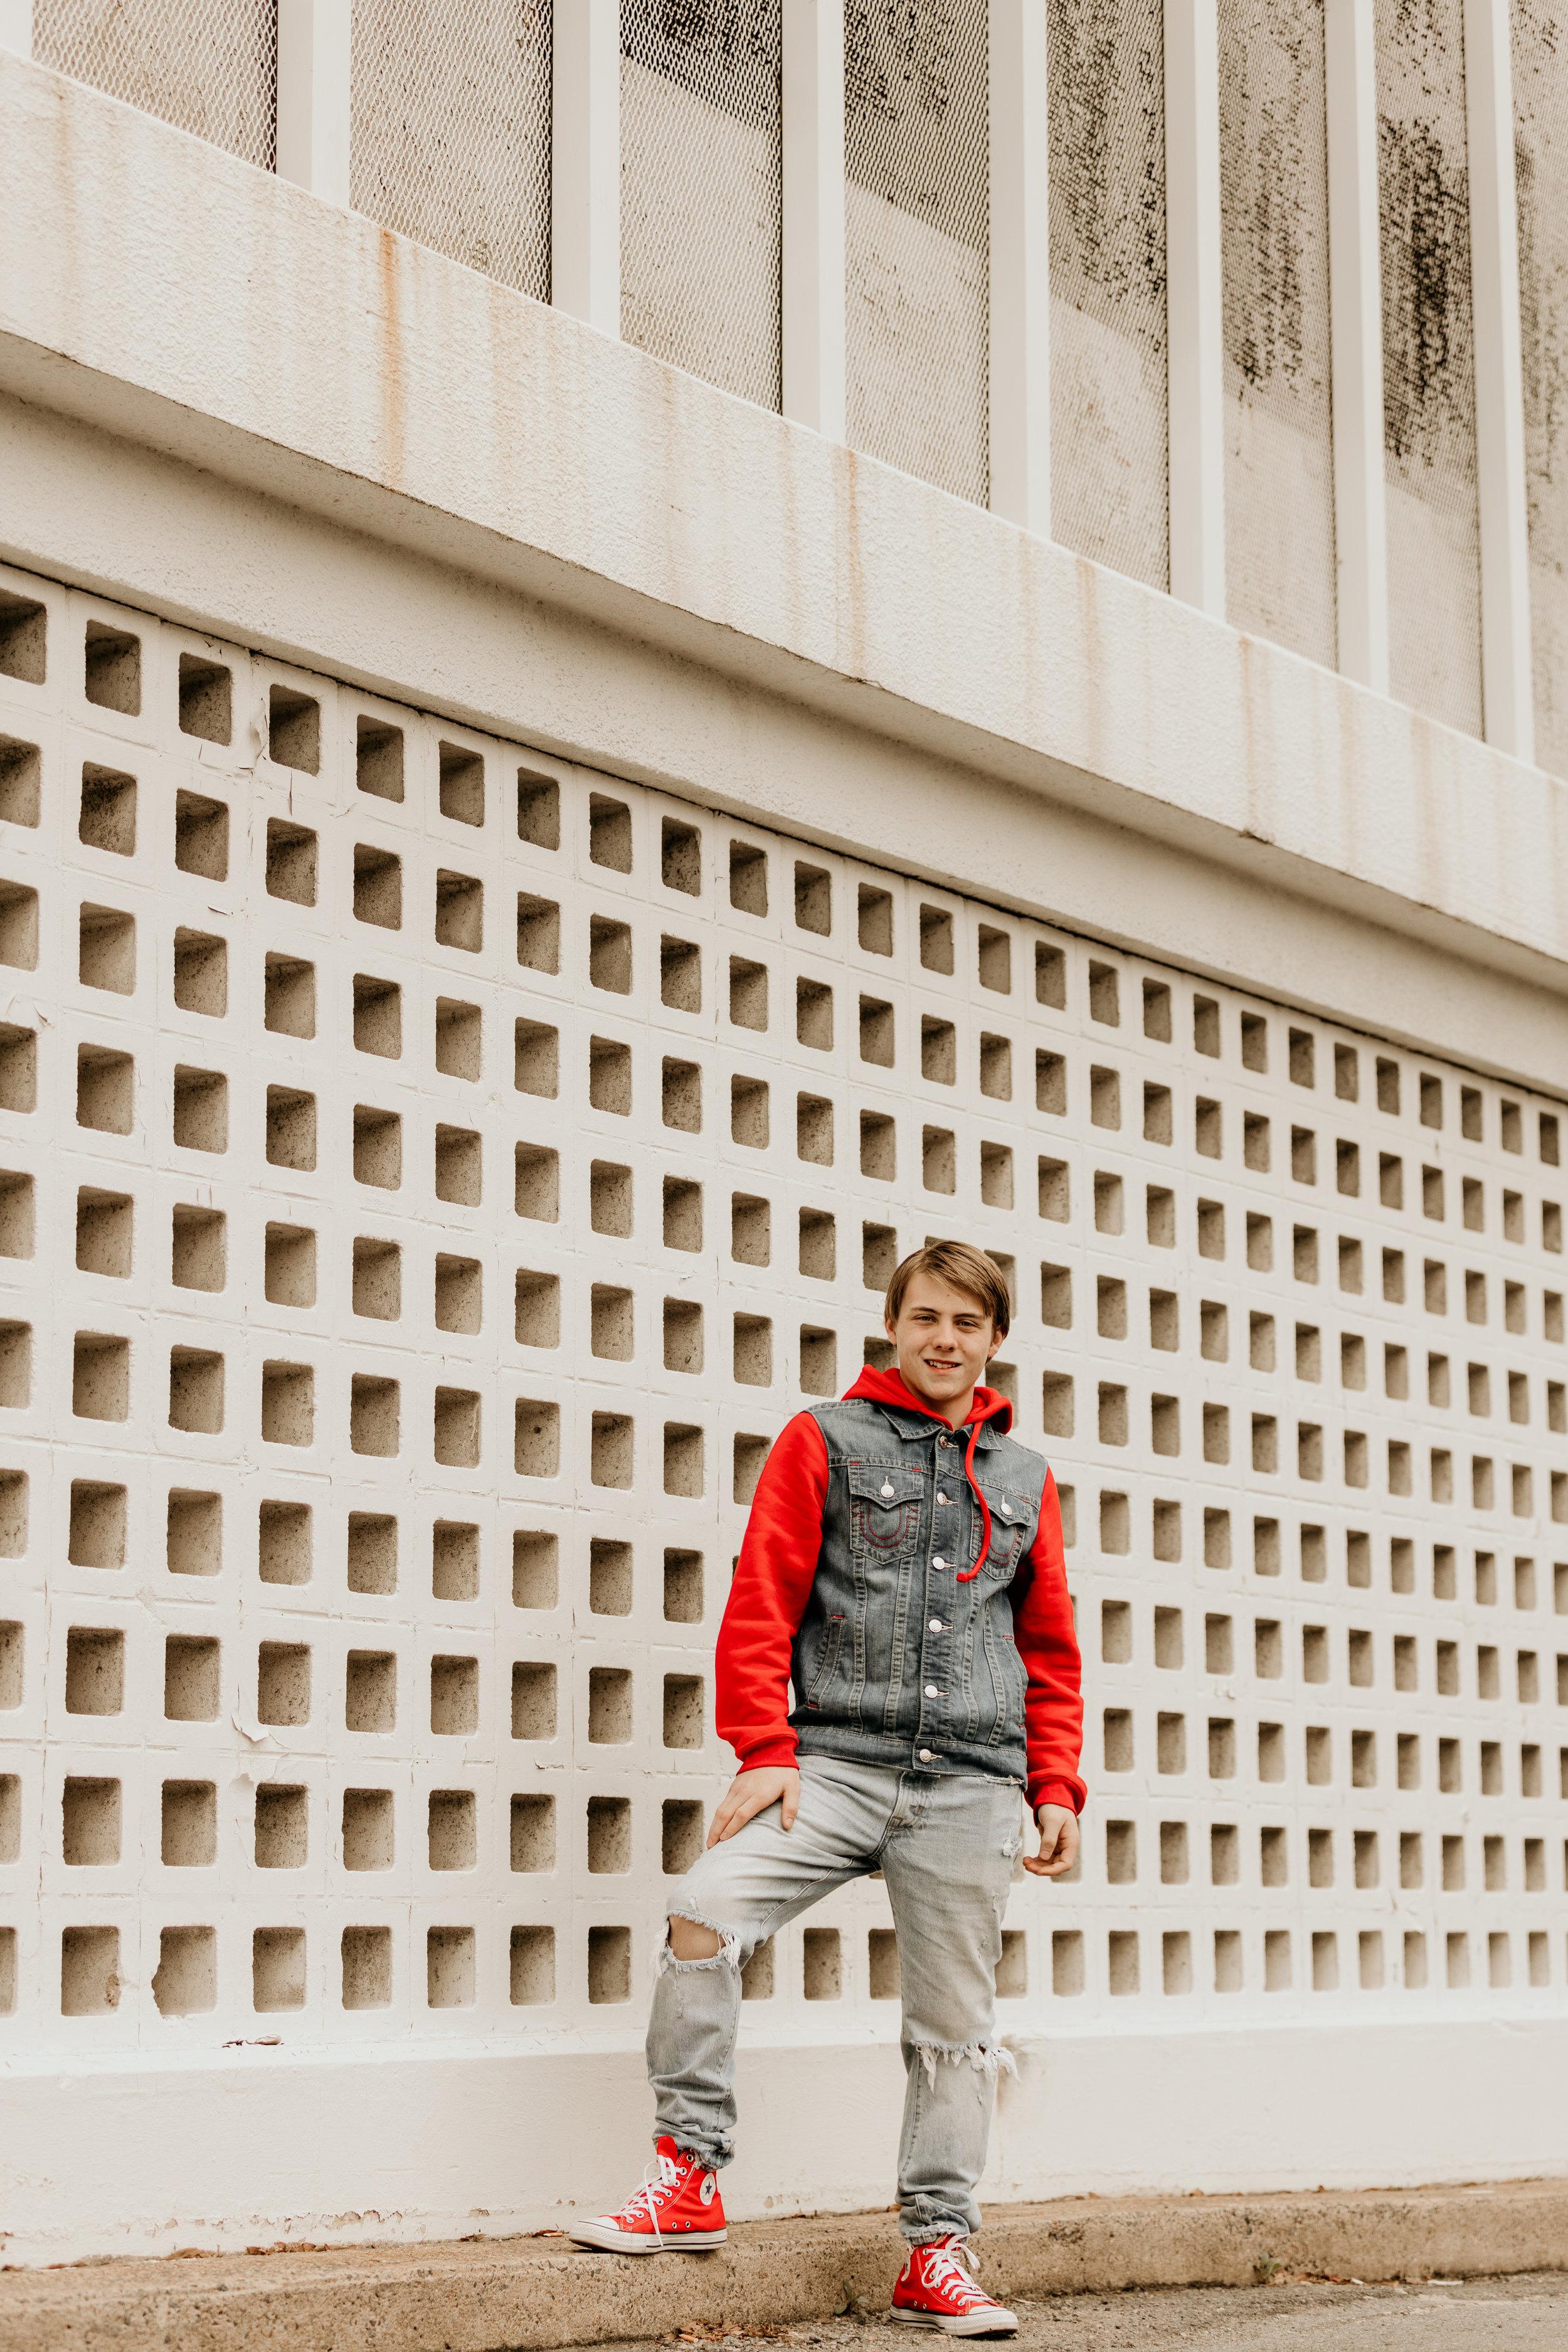 senior-pictures-photographer-arkansas-4252.jpg